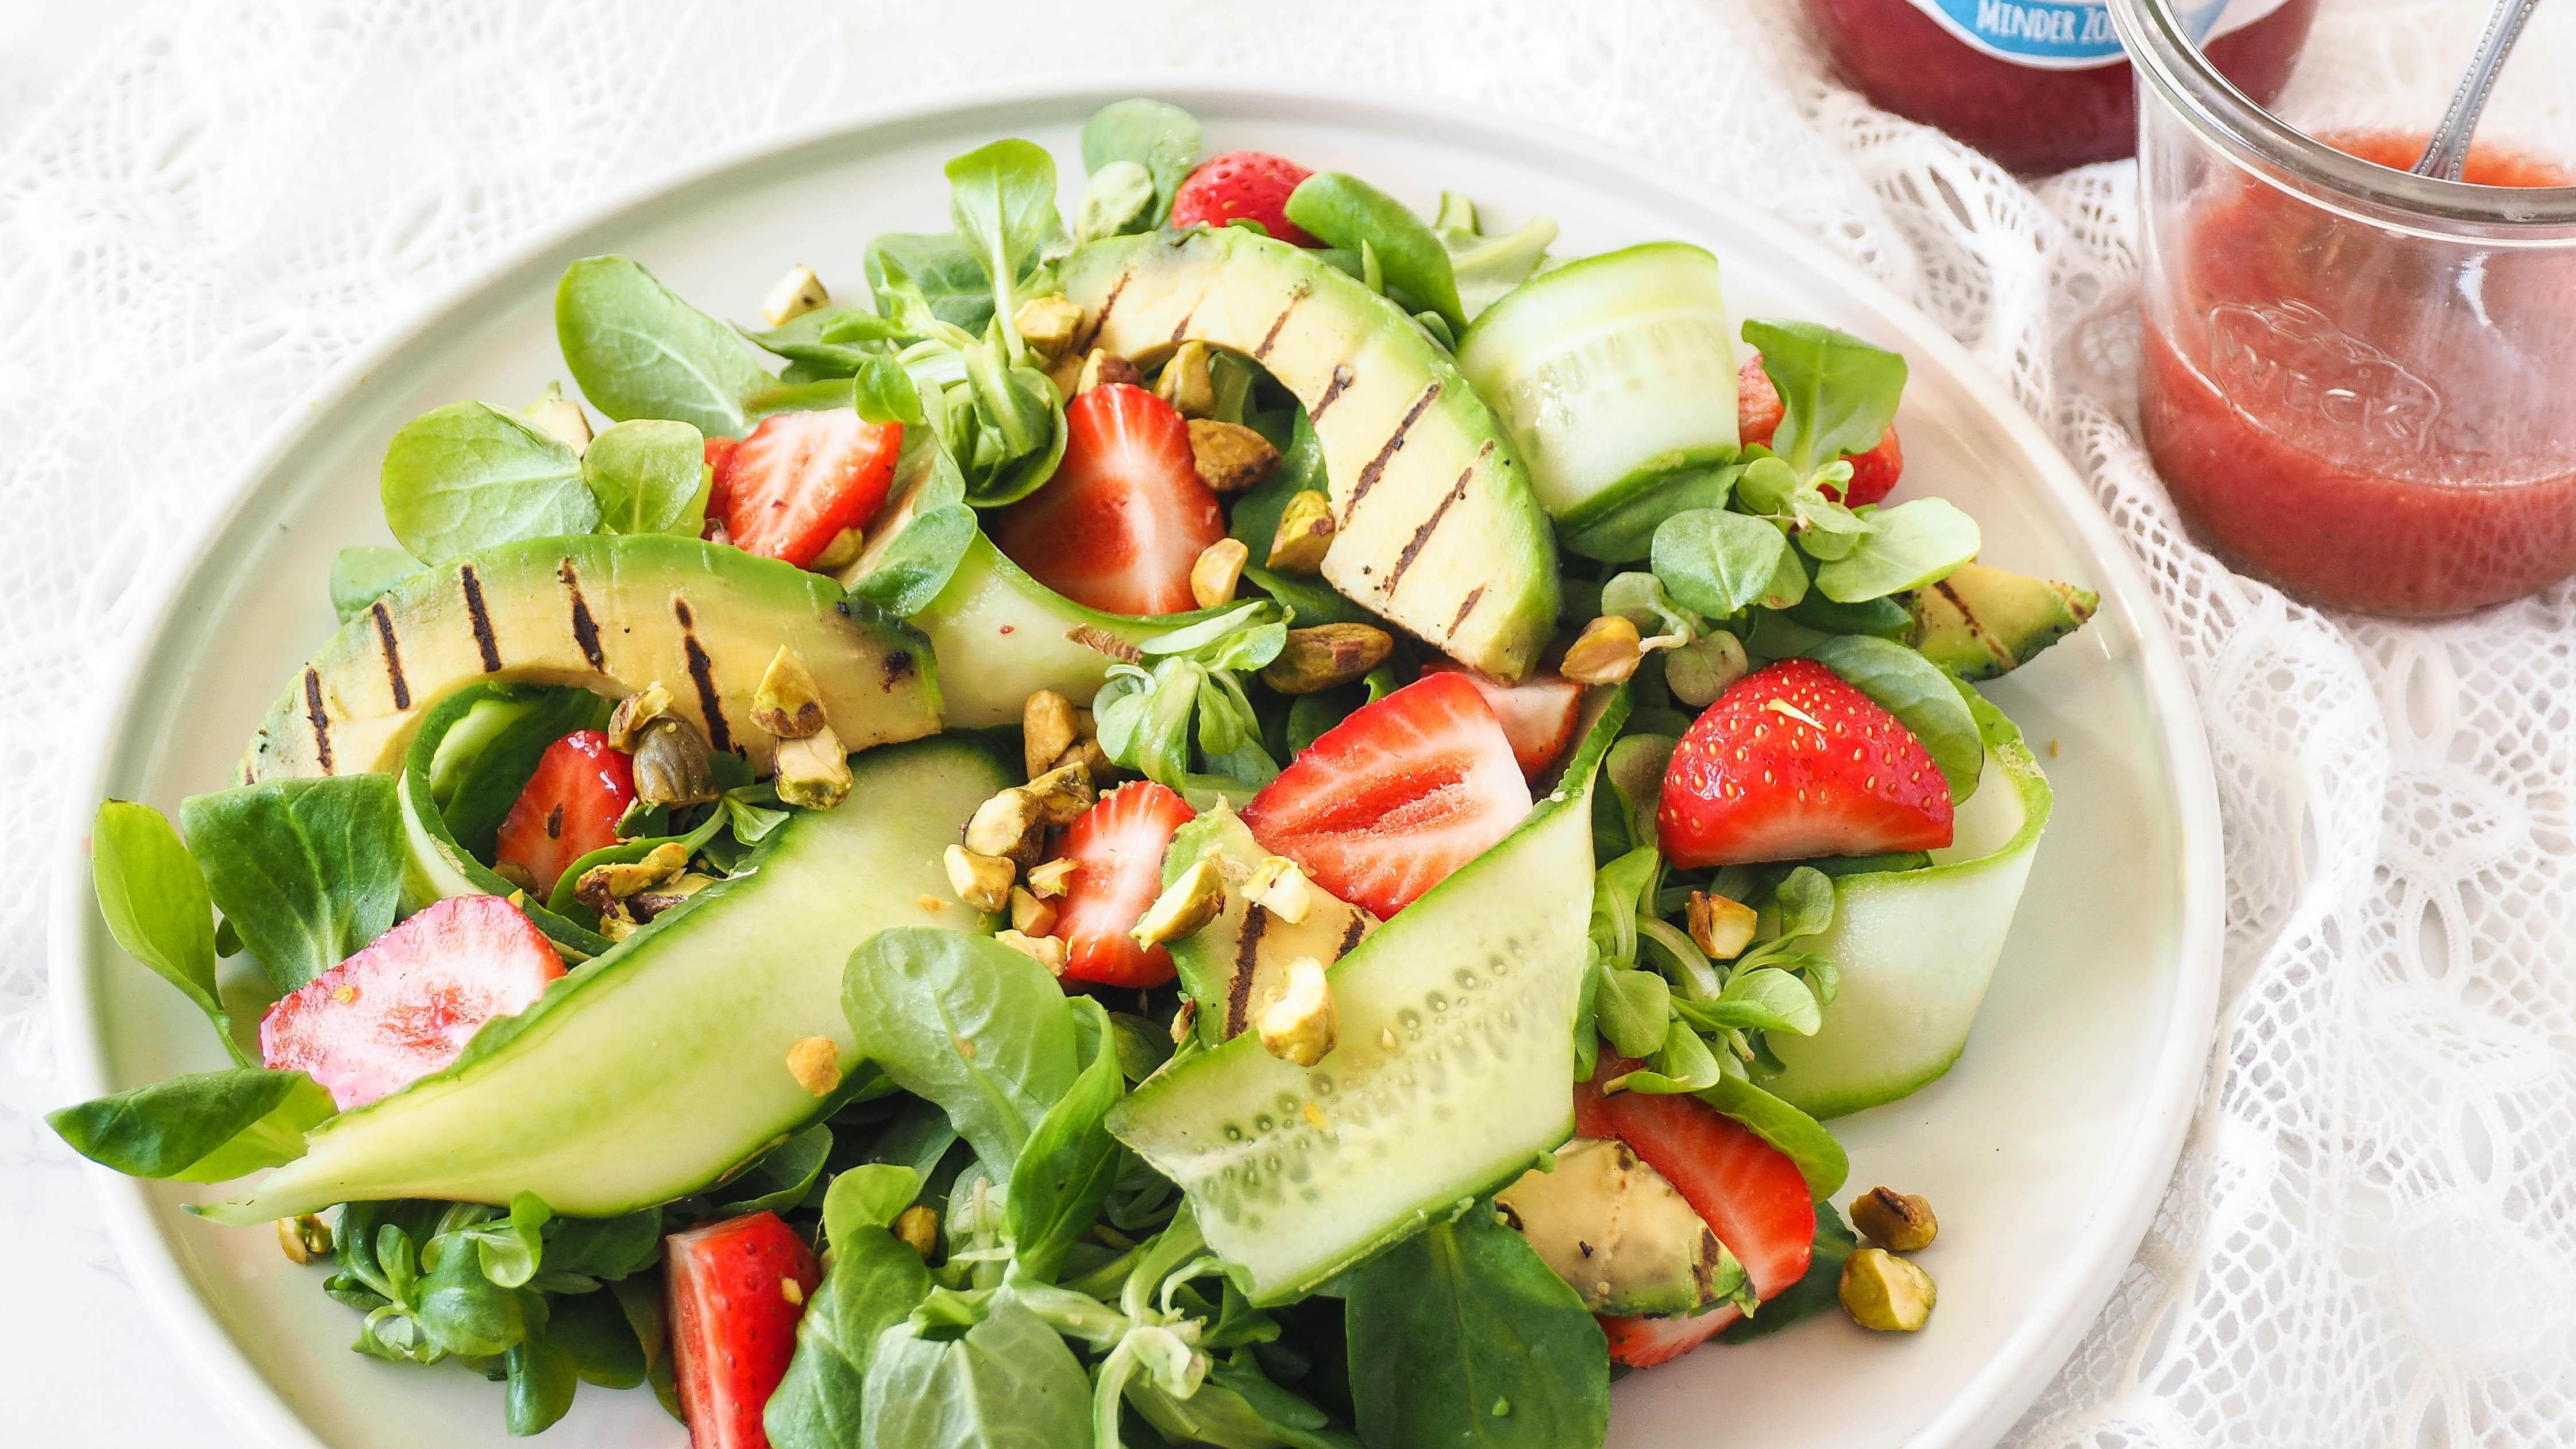 Recept: Salade met aardbeien vinaigrette